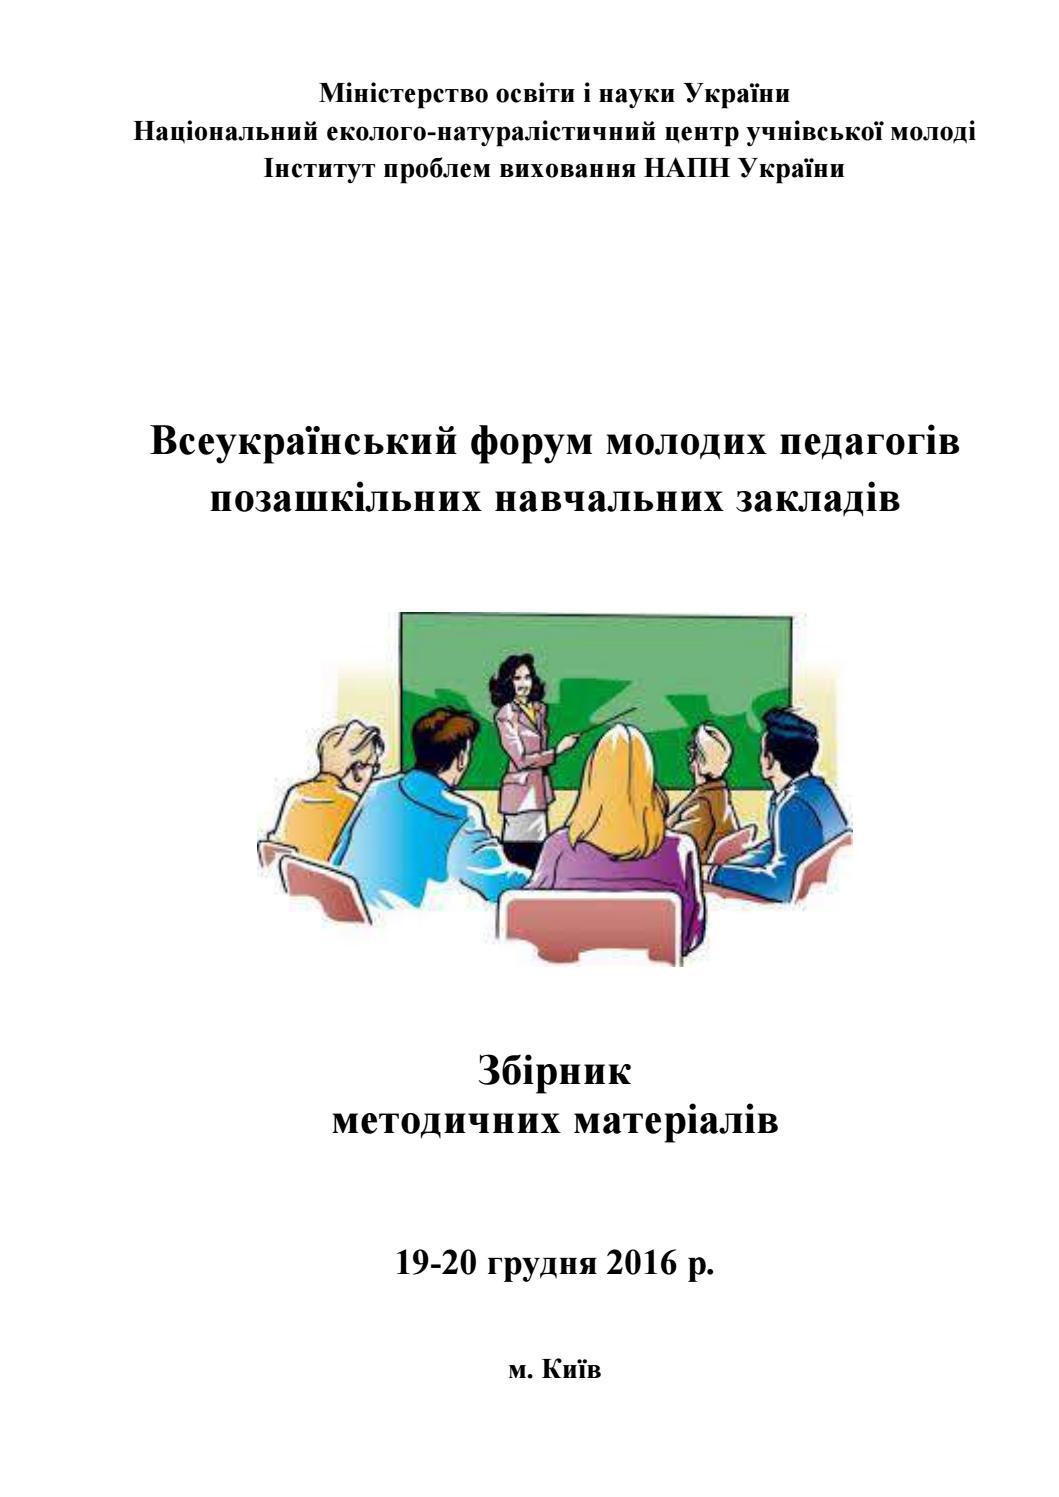 Всеукраїнський форум молодих педагогів позашкільних навчальних закладів by  НЕНЦ - issuu 8b98feeb9a589